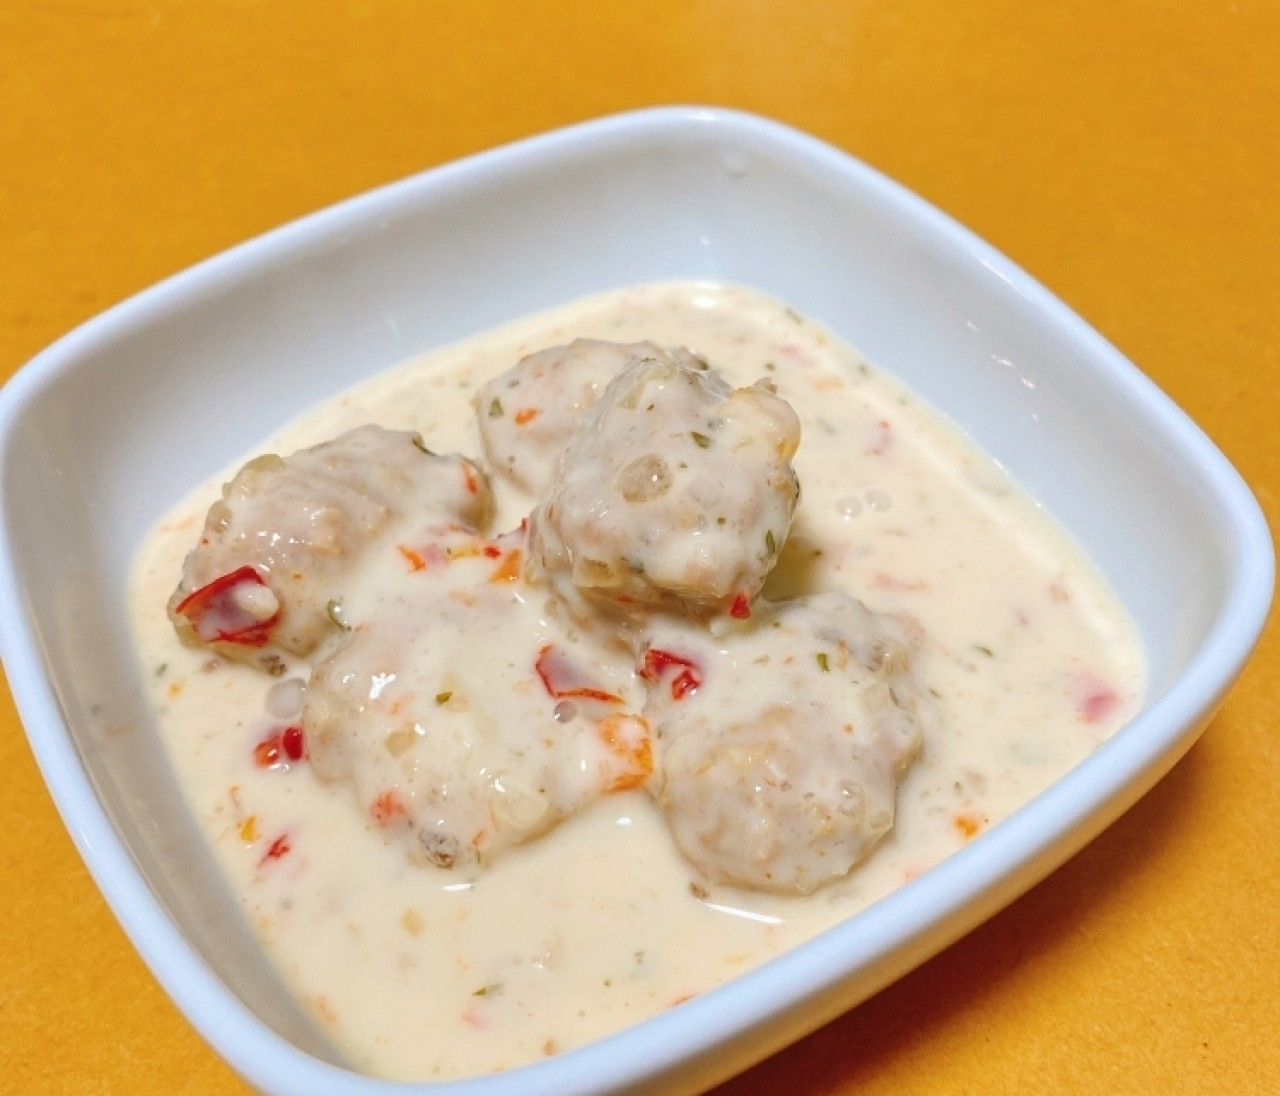 【無印良品】美味しいと話題の<レトルト&冷凍惣菜>を今夜のメインに